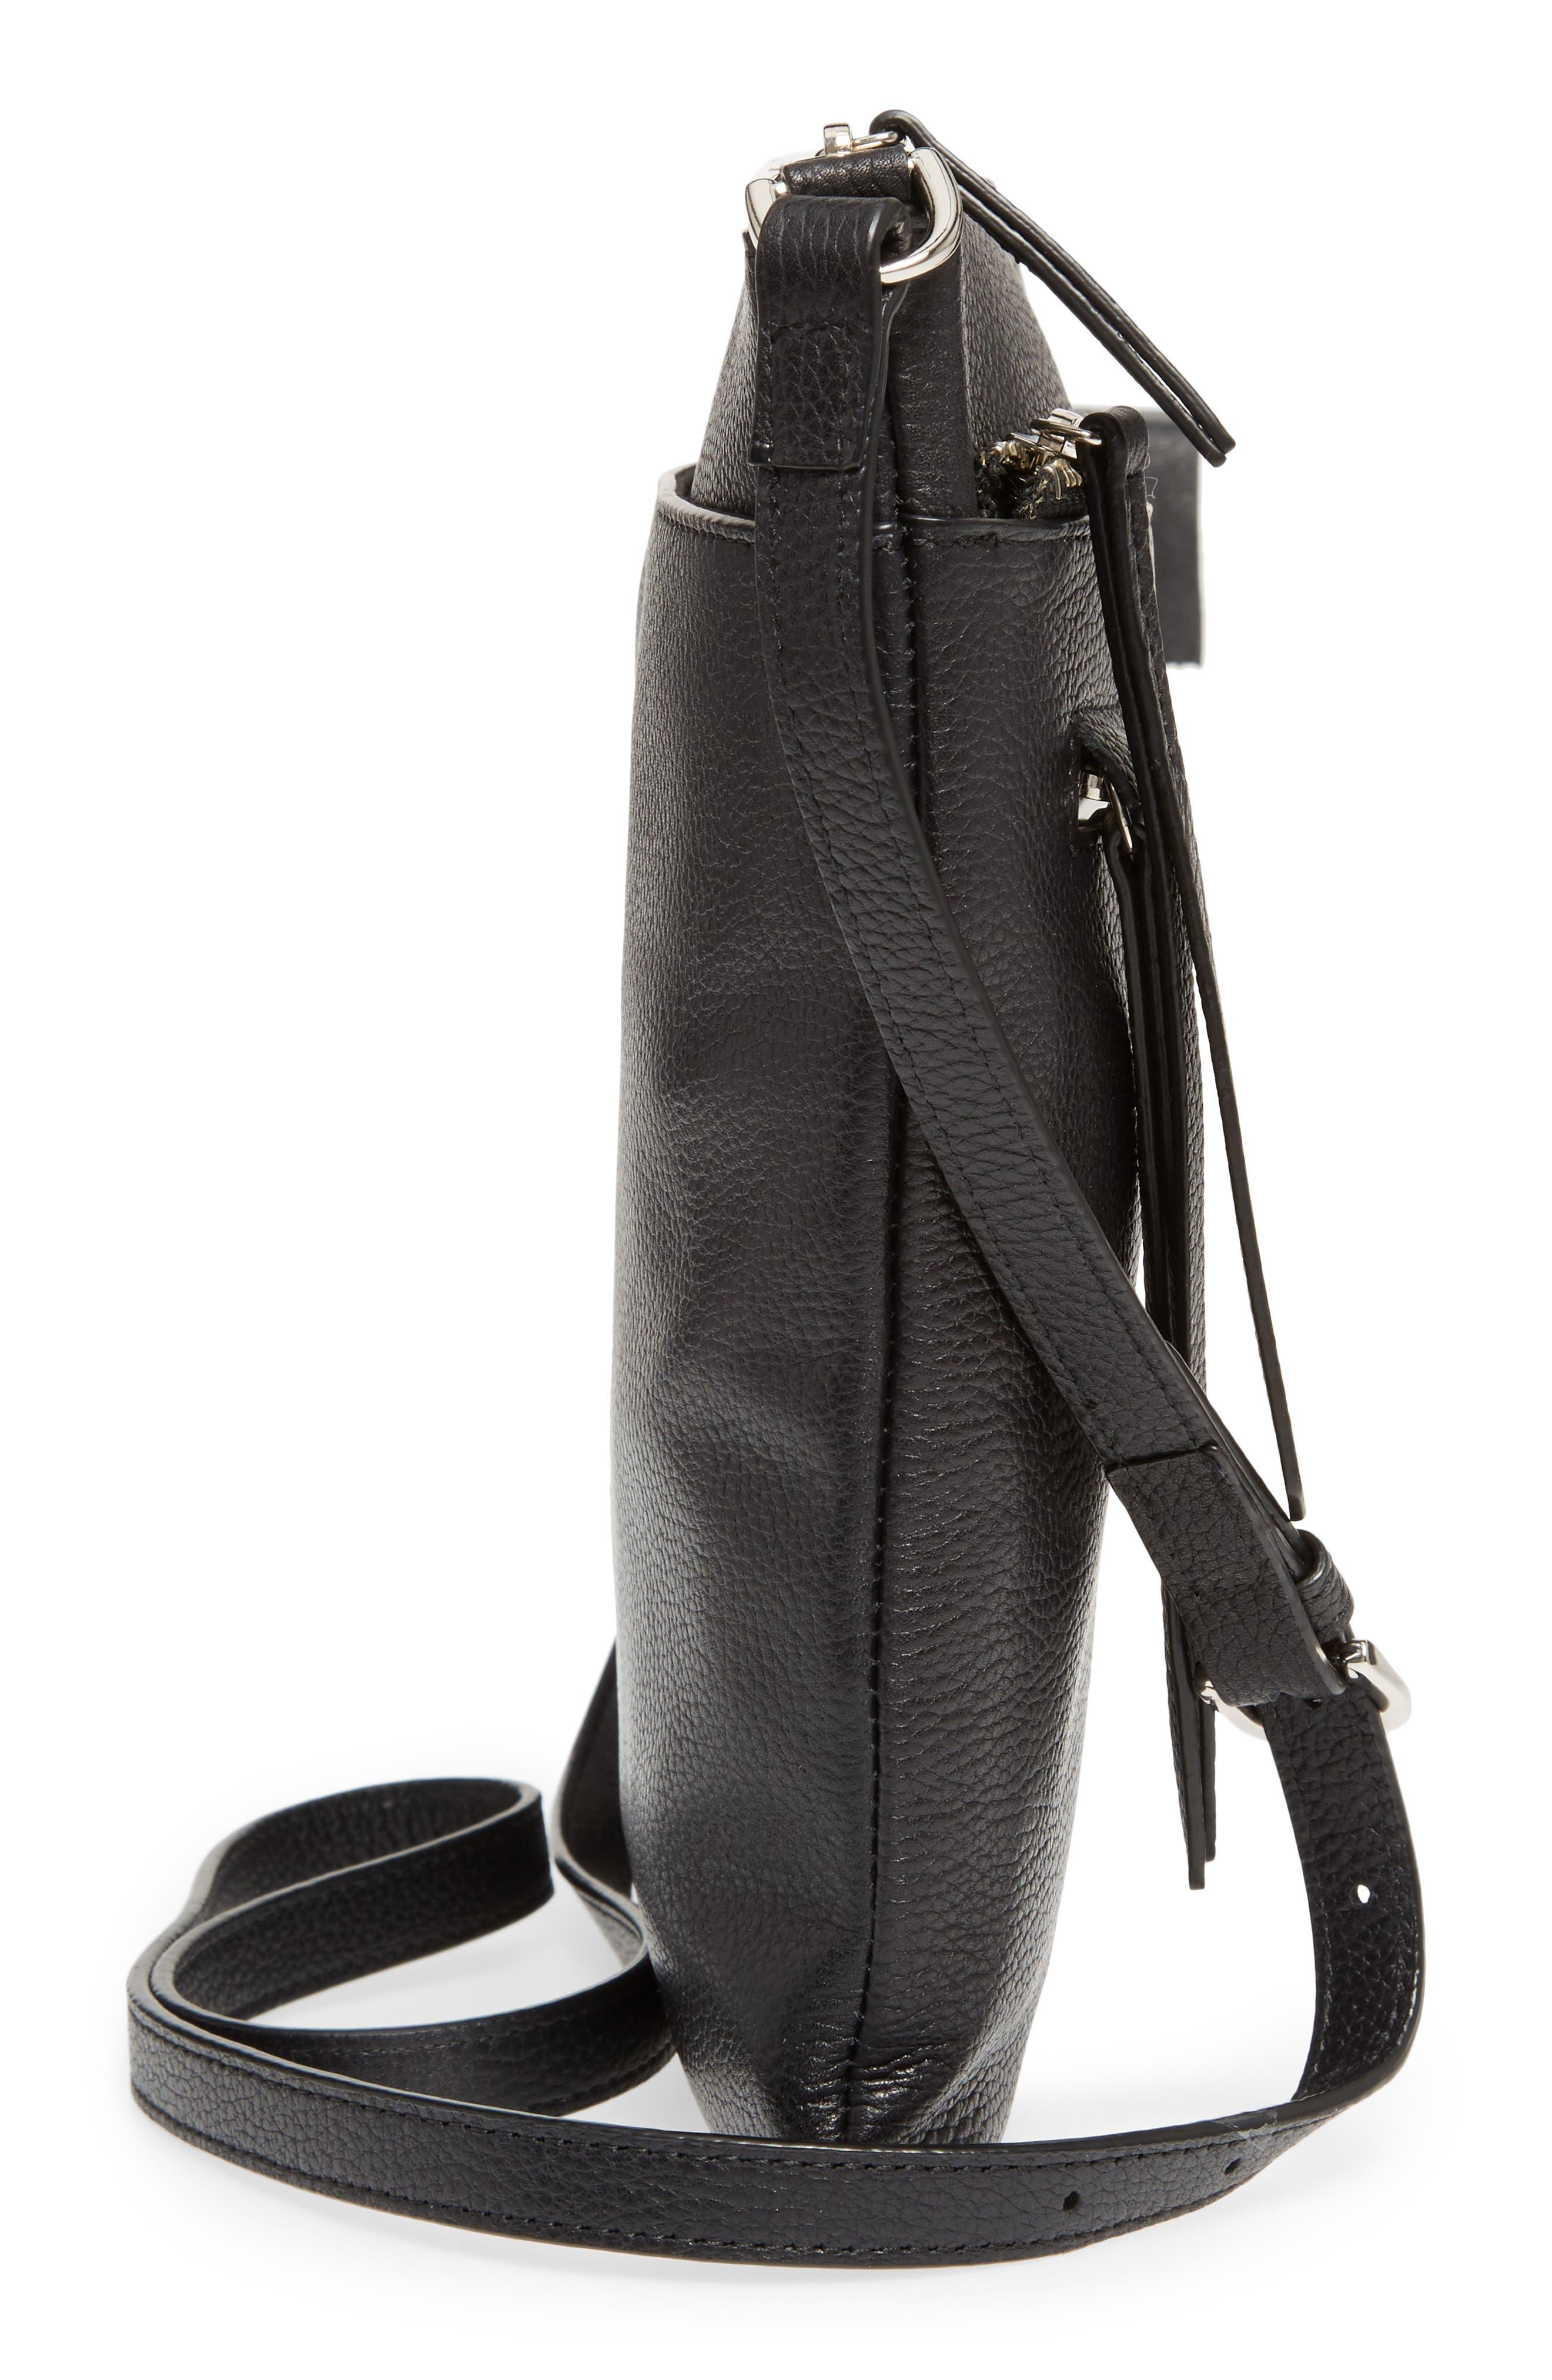 Finn Leather Crossbody Bag,                             Alternate thumbnail 5, color,                             BLACK